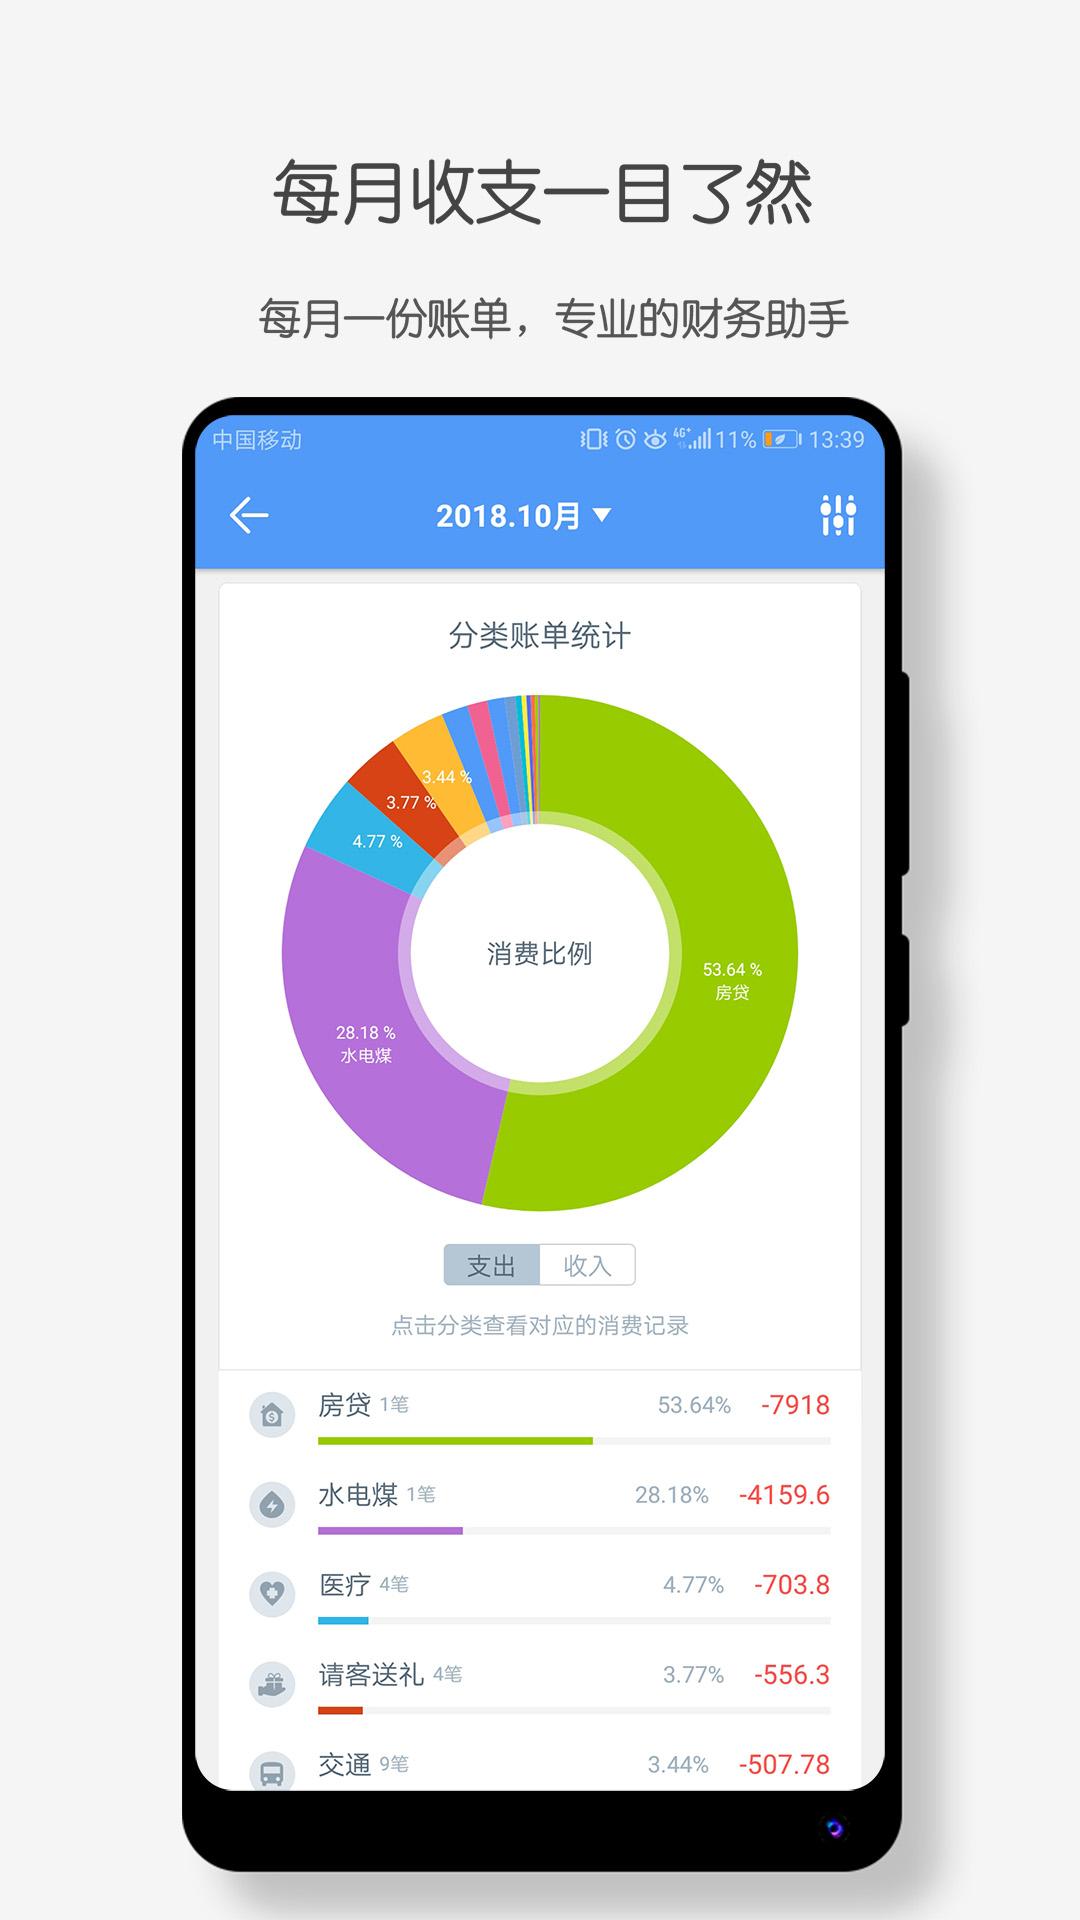 【分享】钱迹-记账小能手 3.1